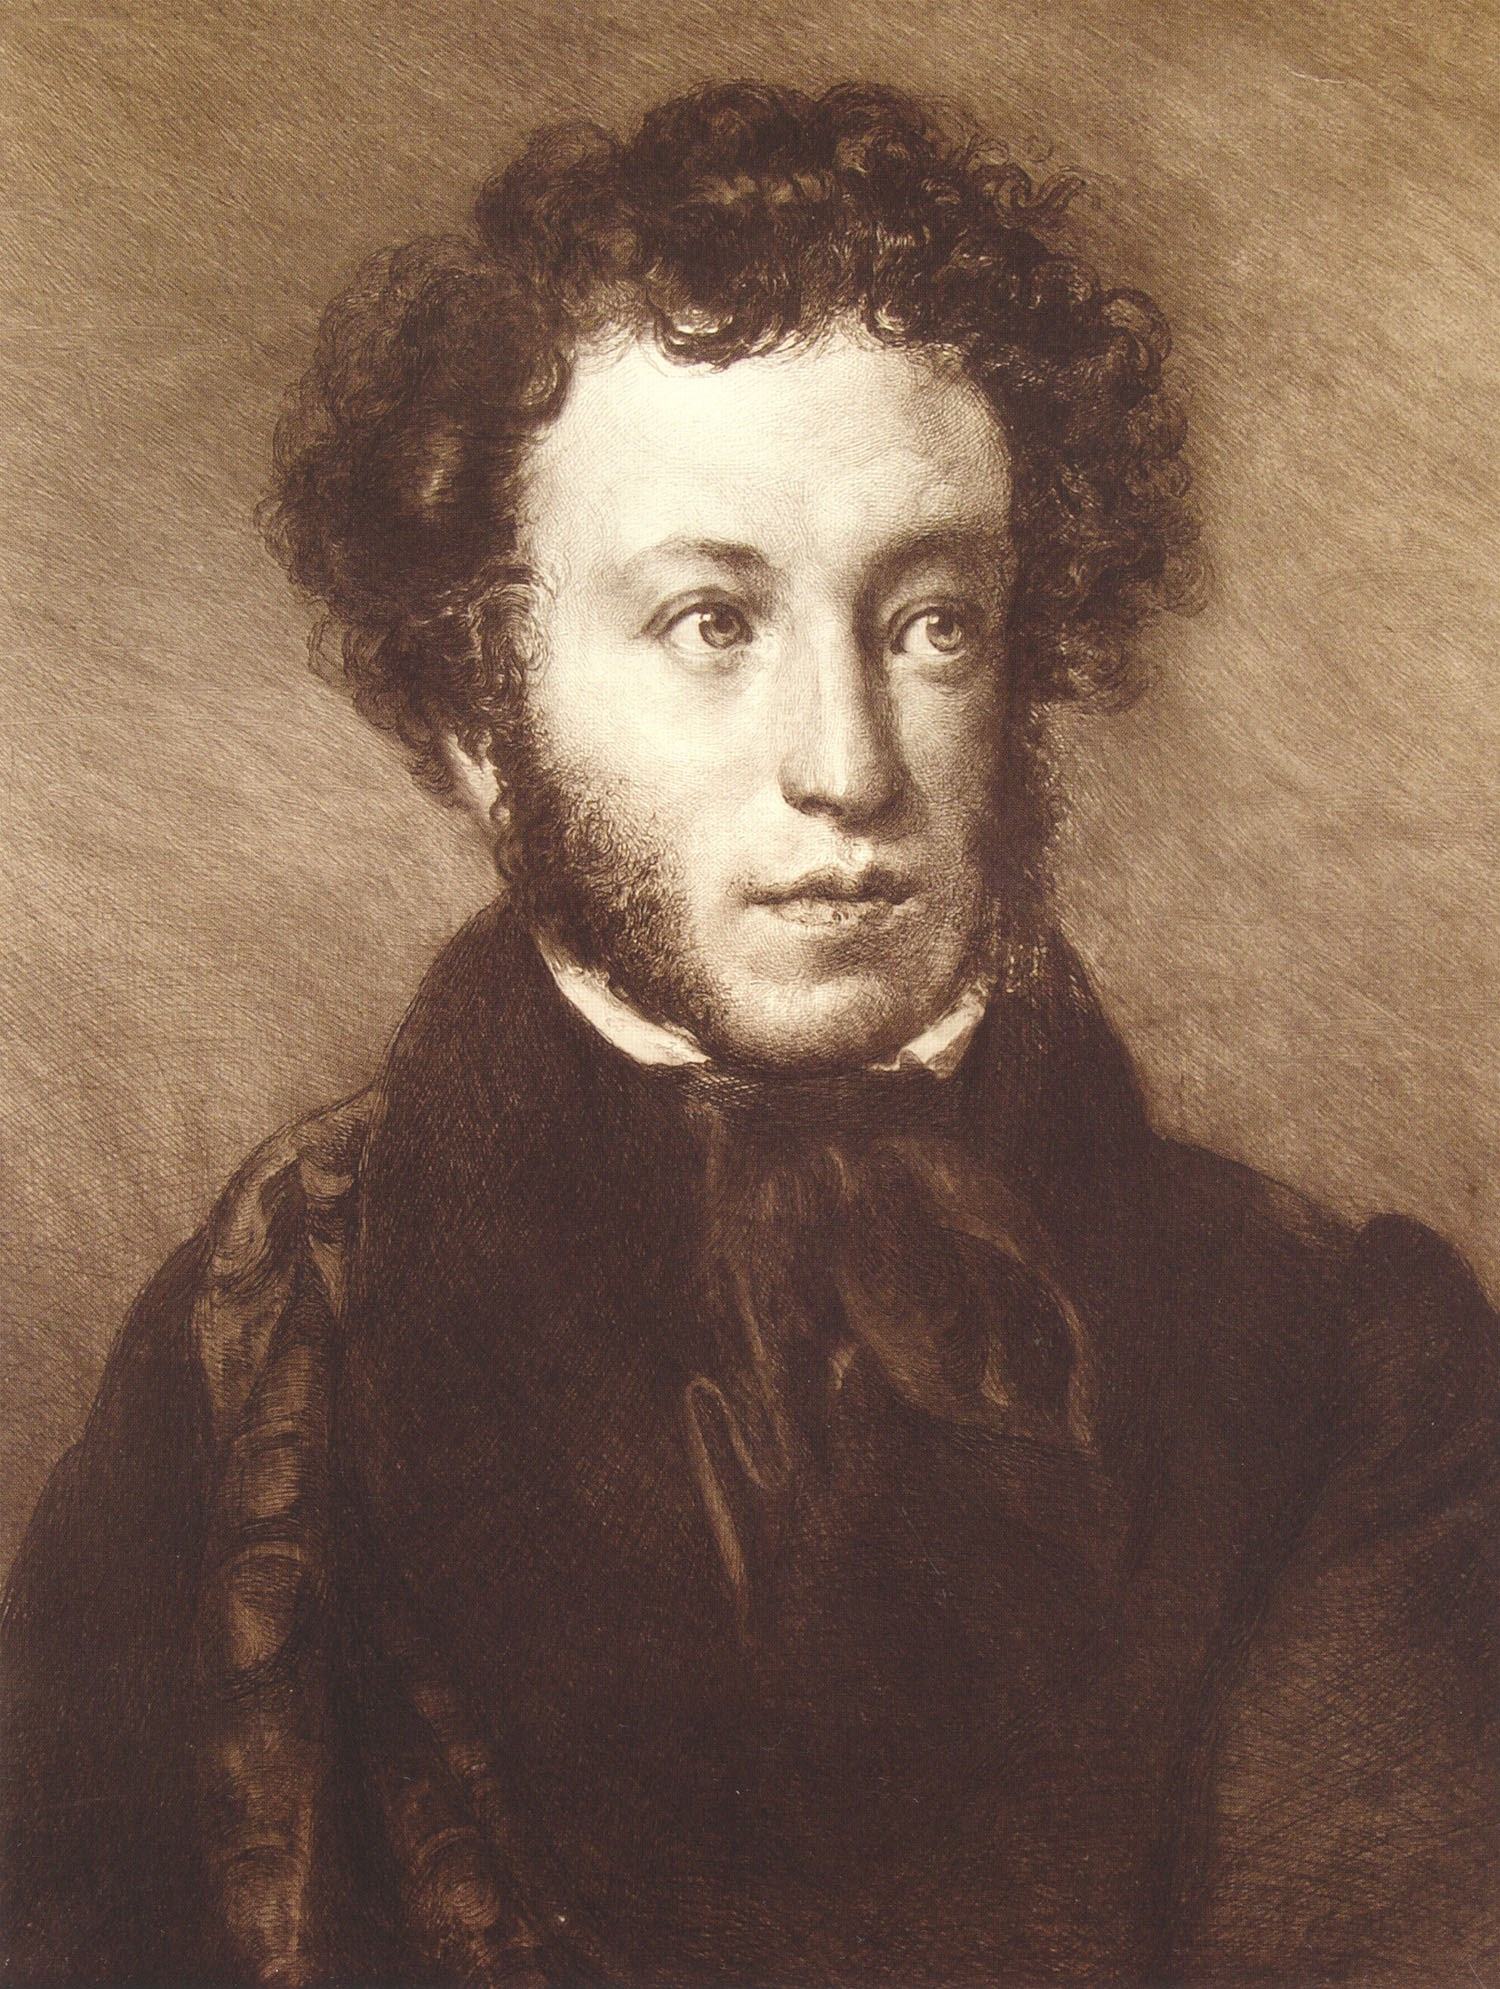 касается работы, пушкин портреты картинки внимательные